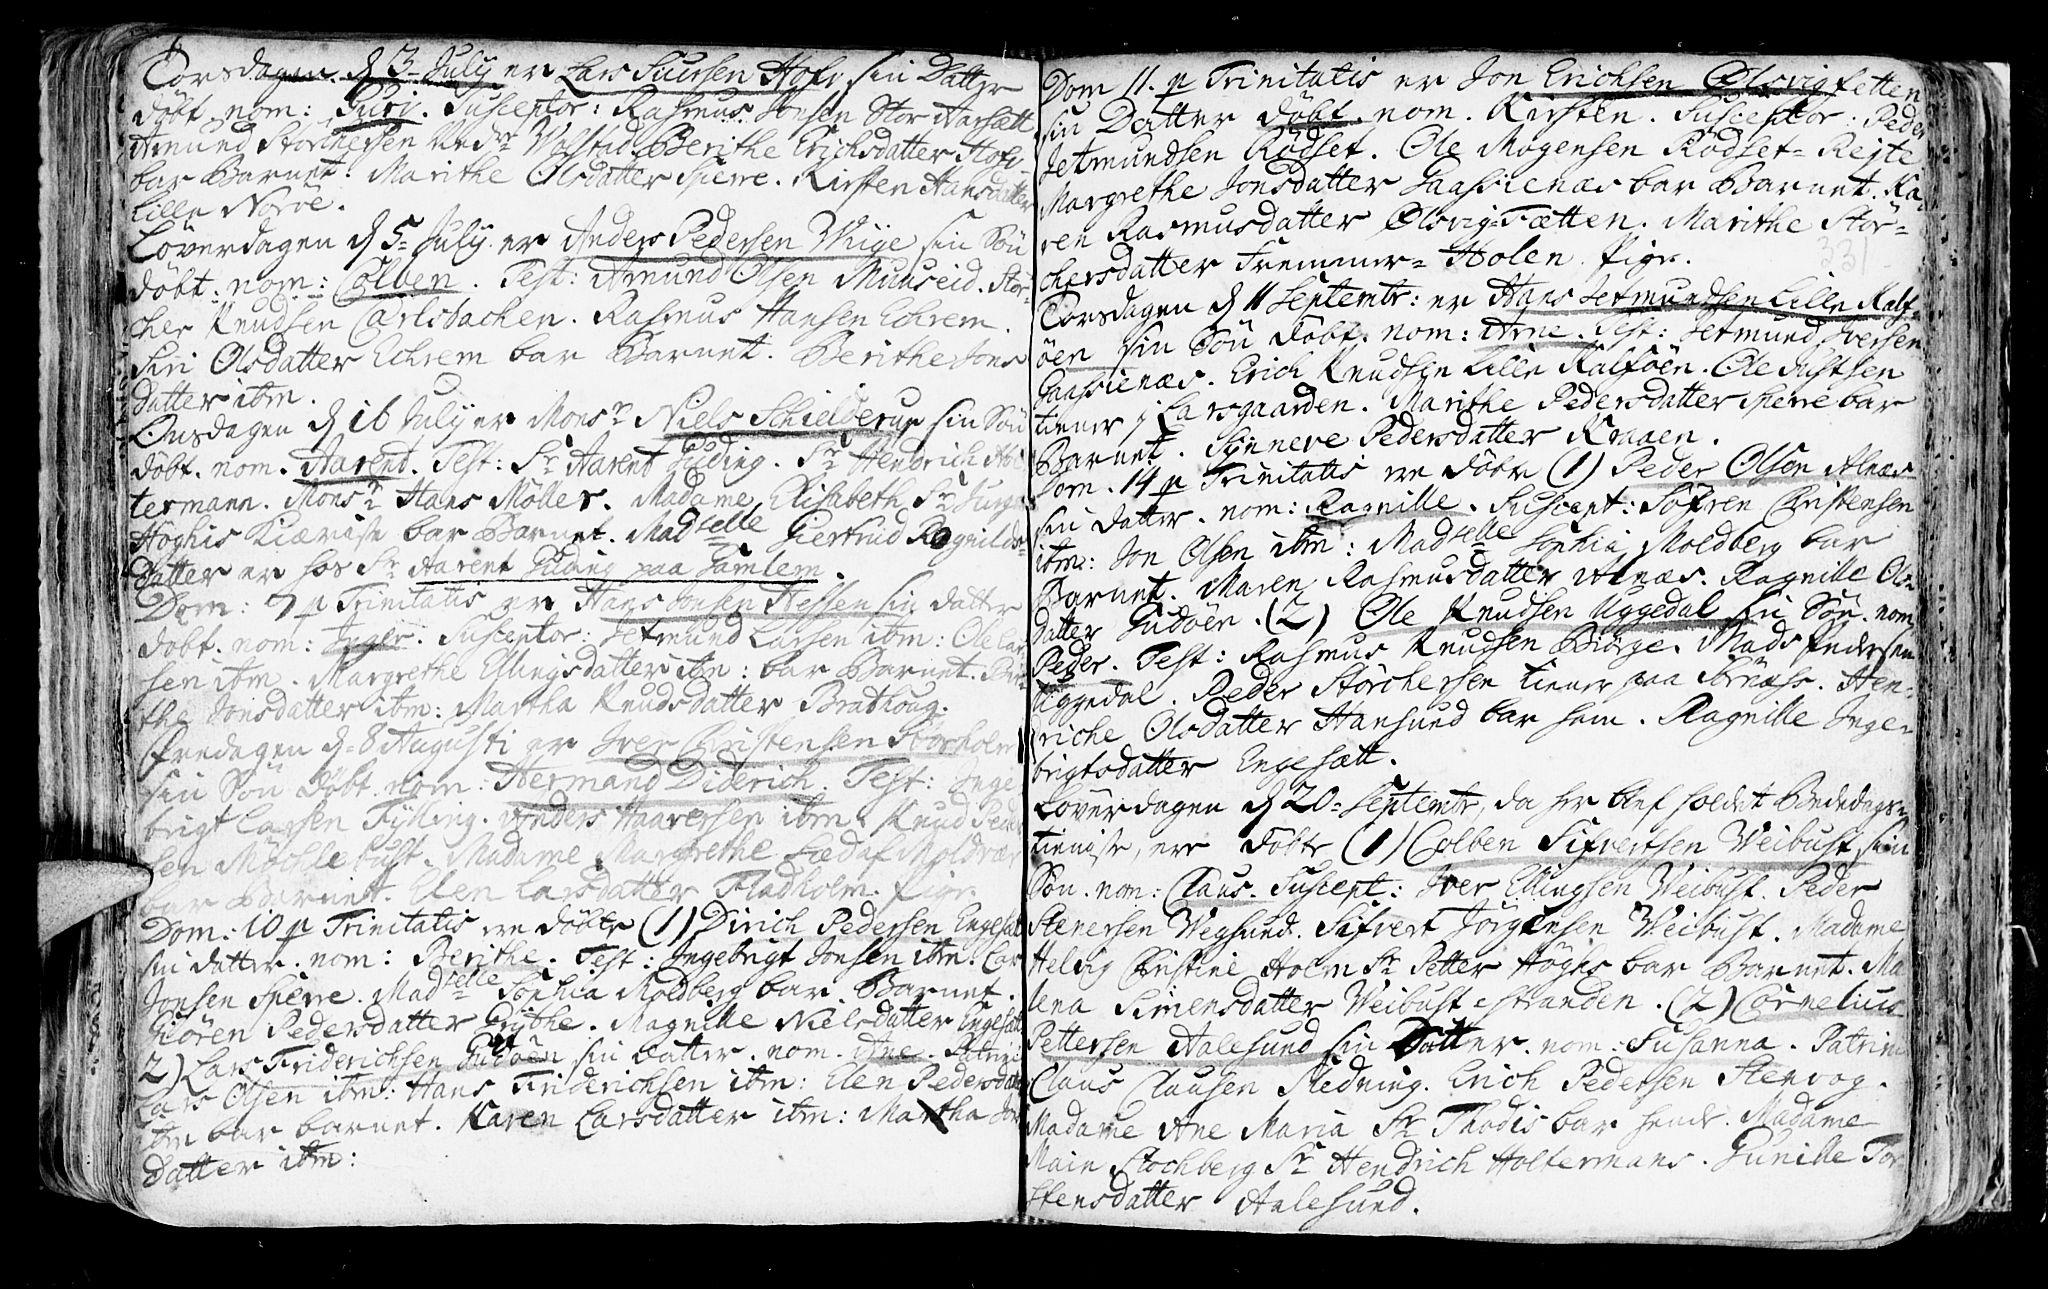 SAT, Ministerialprotokoller, klokkerbøker og fødselsregistre - Møre og Romsdal, 528/L0390: Ministerialbok nr. 528A01, 1698-1739, s. 330-331